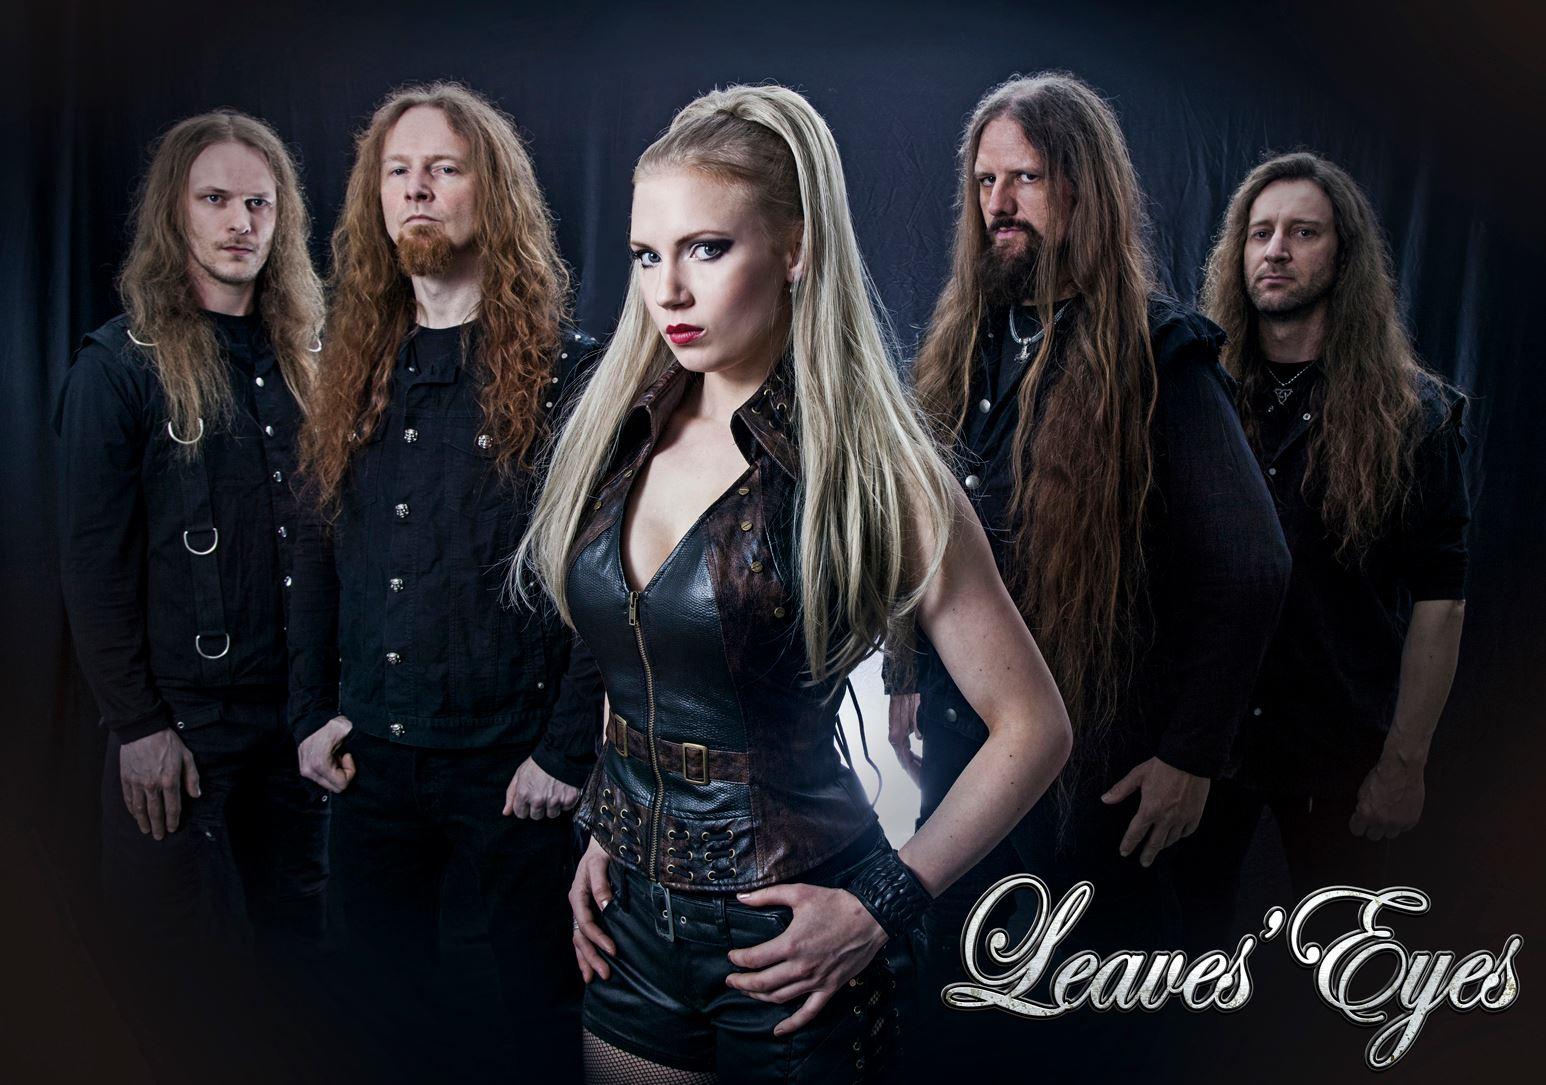 Leave's Eyes